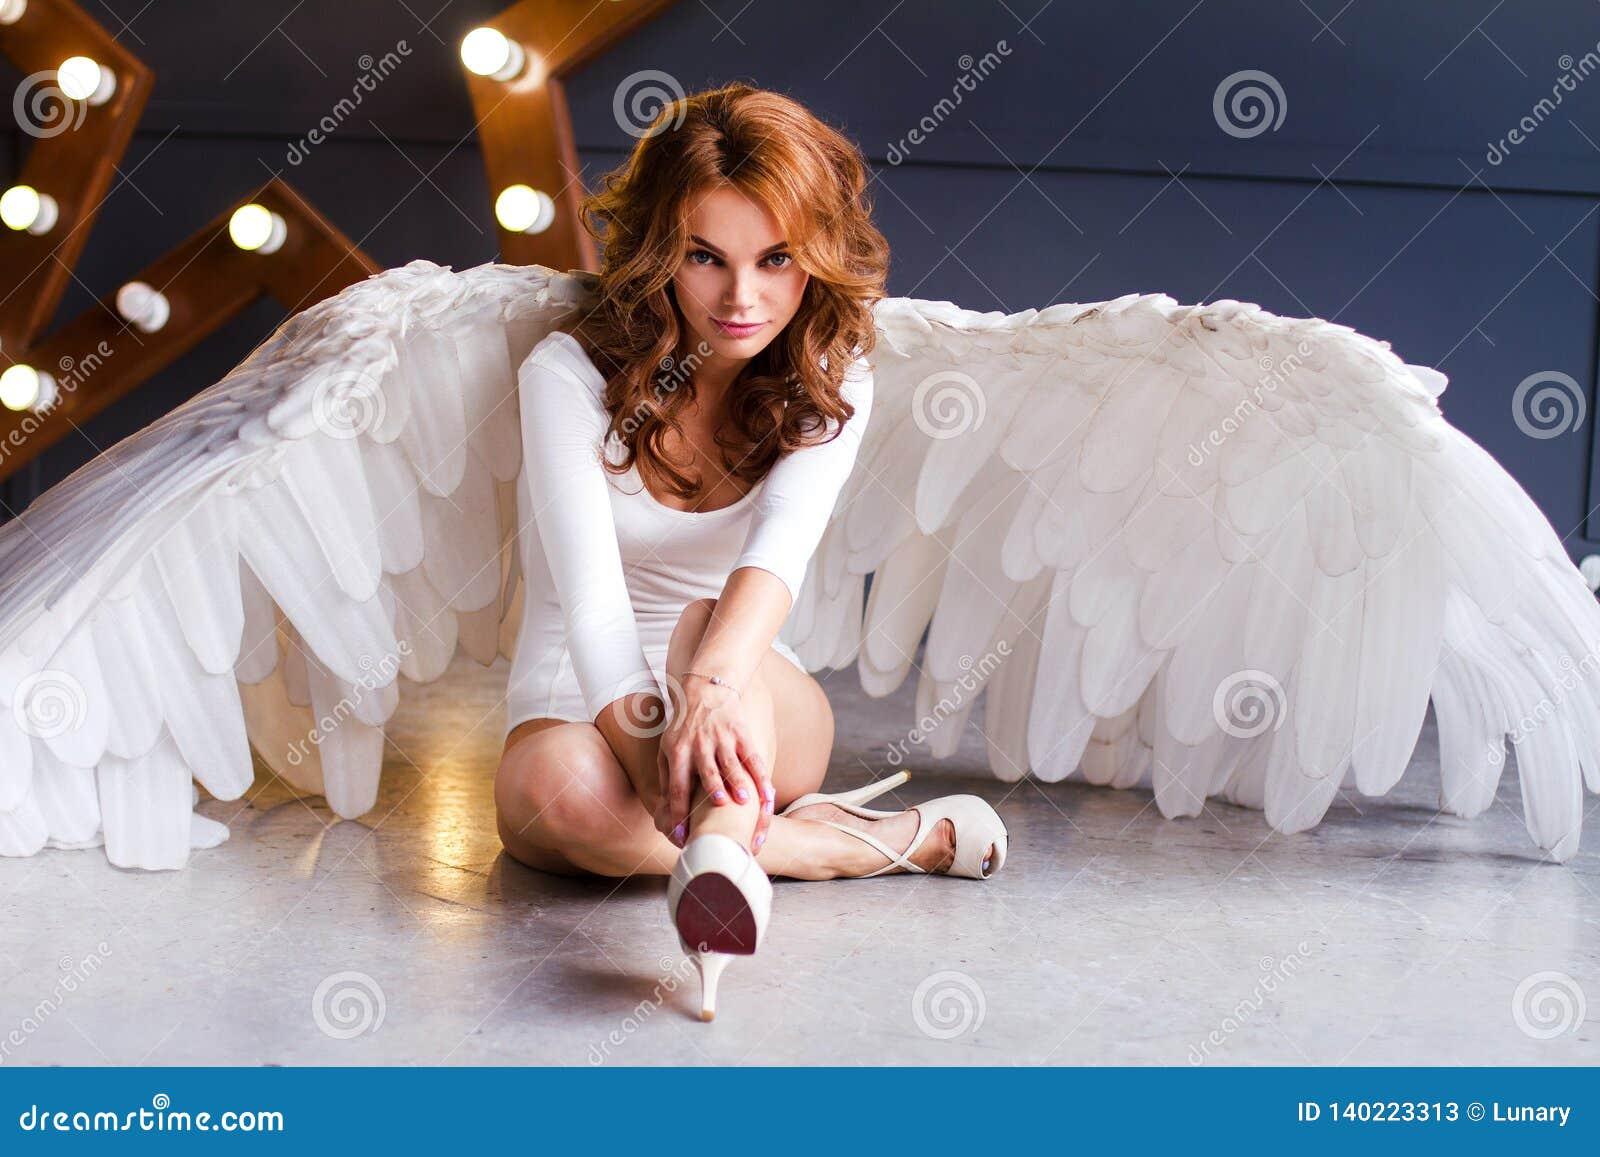 Jovem mulher no bodysuit branco com asas do anjo